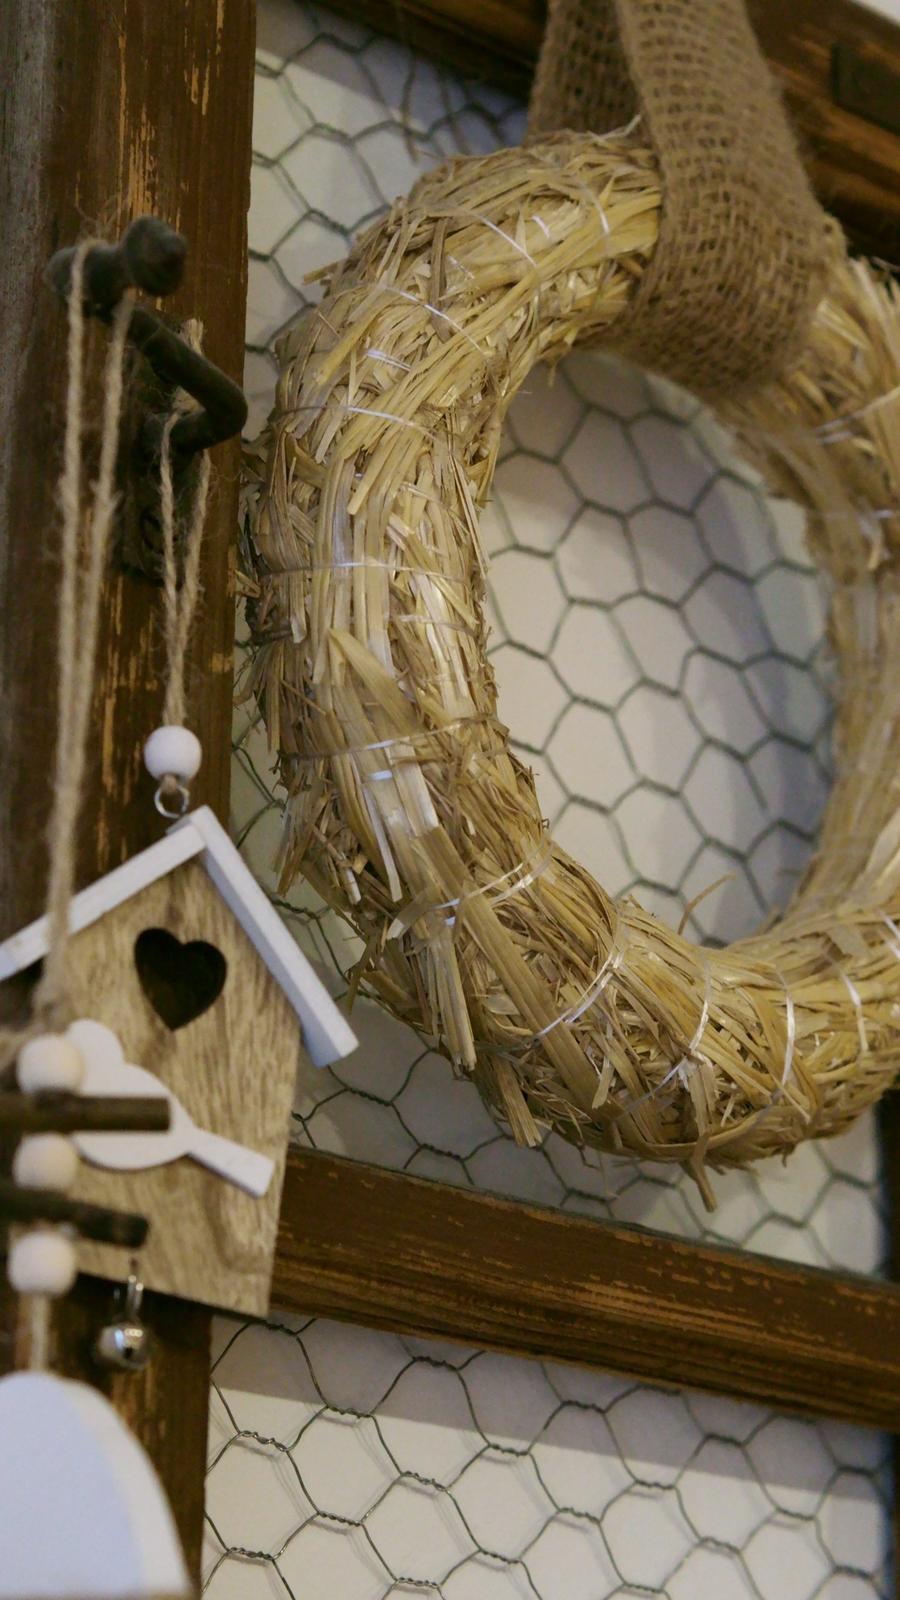 Náš domček ♡ Bramasole ♡ ... Stilo interiér aj exteriér 3. rok bývania - Obrázok č. 21